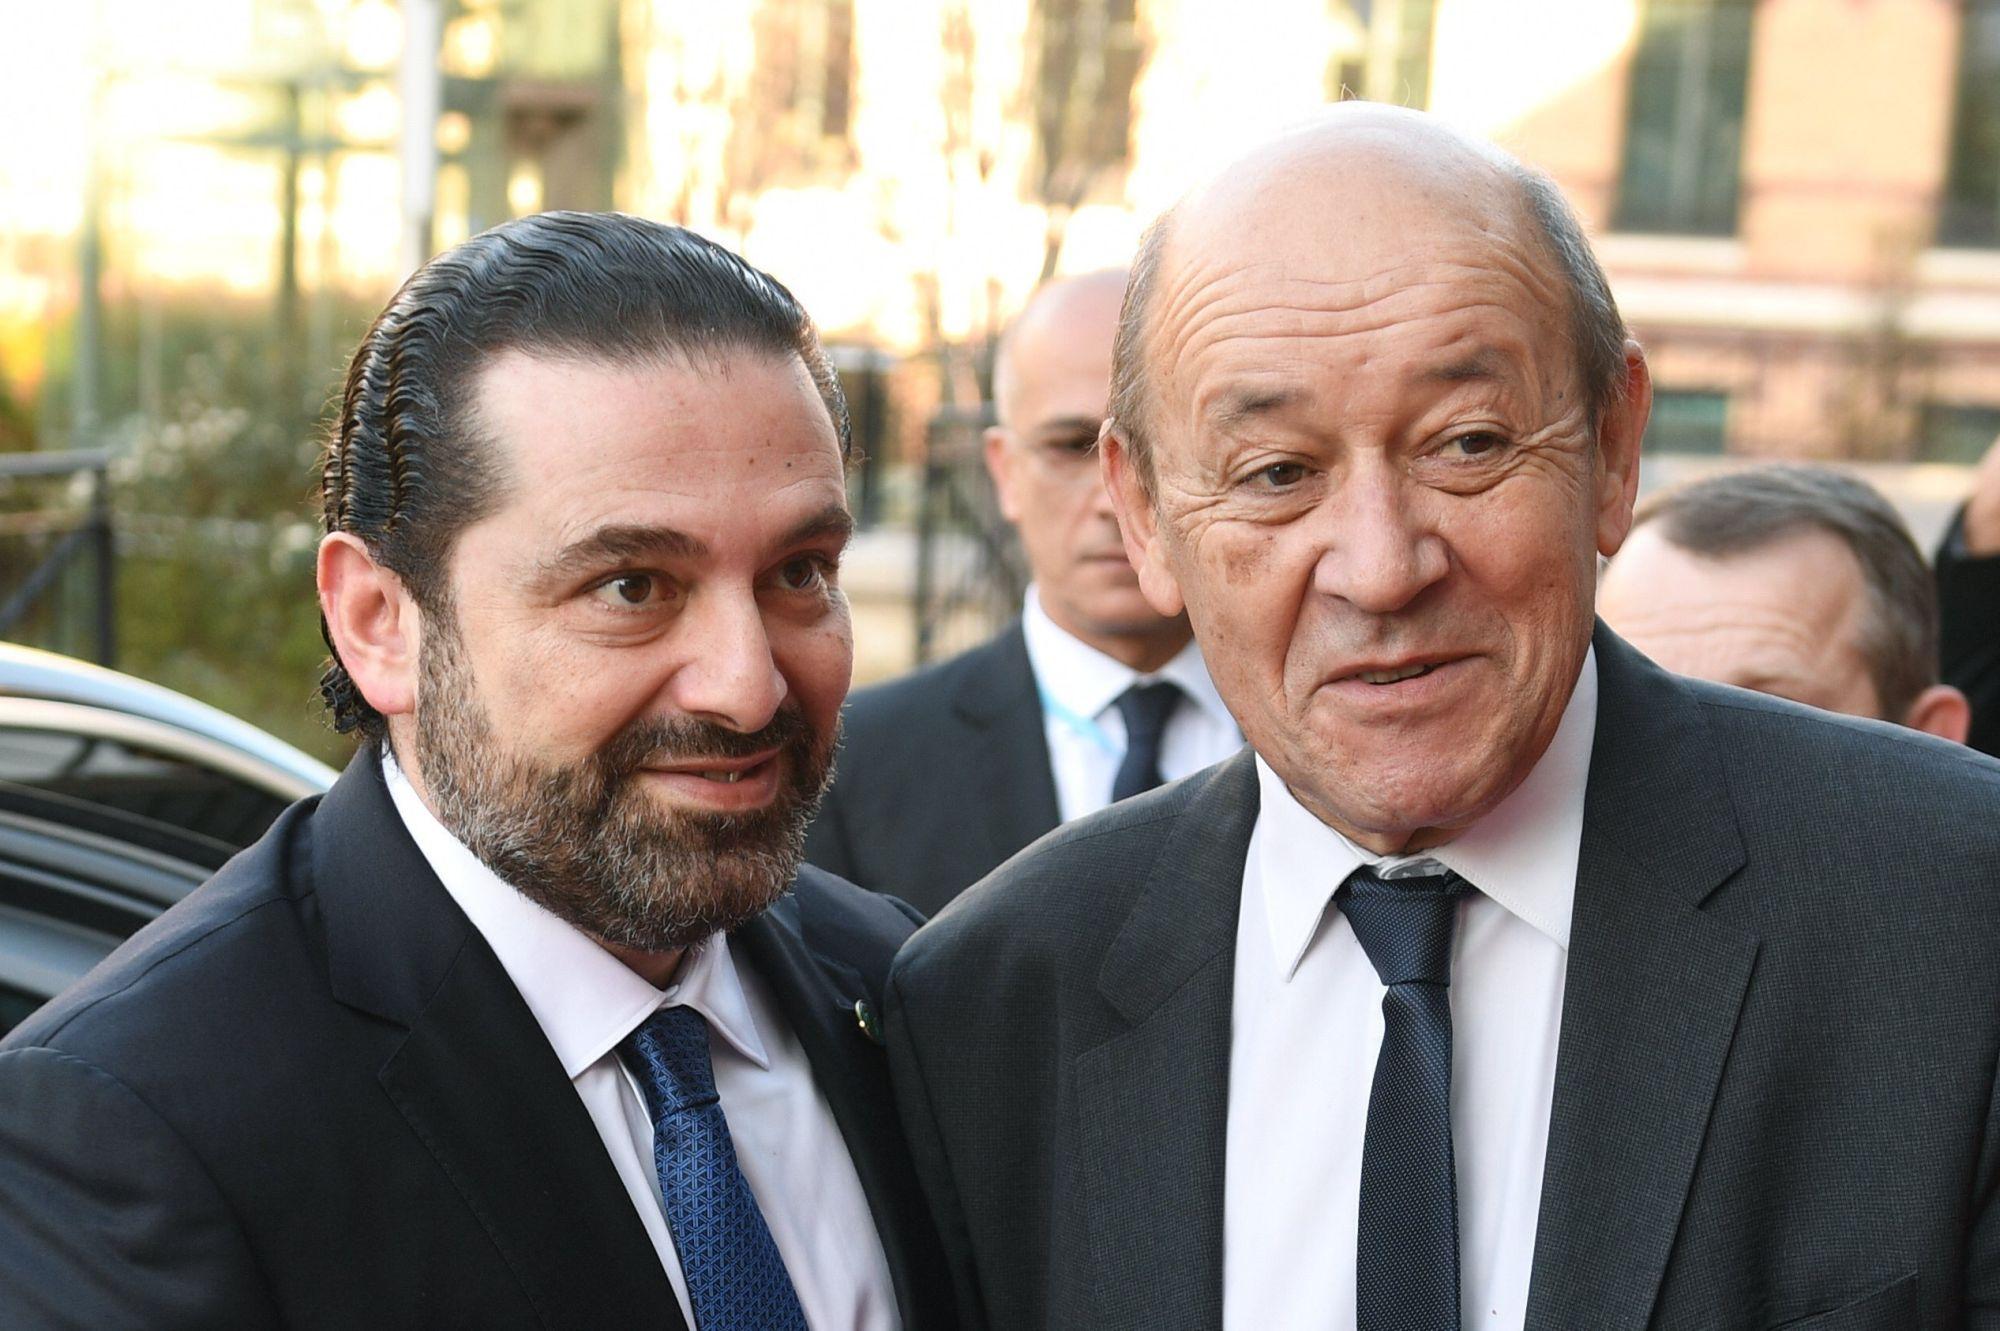 Jean-Yves Le Drian francia külügyminiszter (j) fogadja Szaad Haríri libanoni miniszterelnököt, aki a Libanon megsegítését célzó nemzetközi segélykonferenciára érkezik. (MTI/EPA/AFP pool/Eric Feferberg)